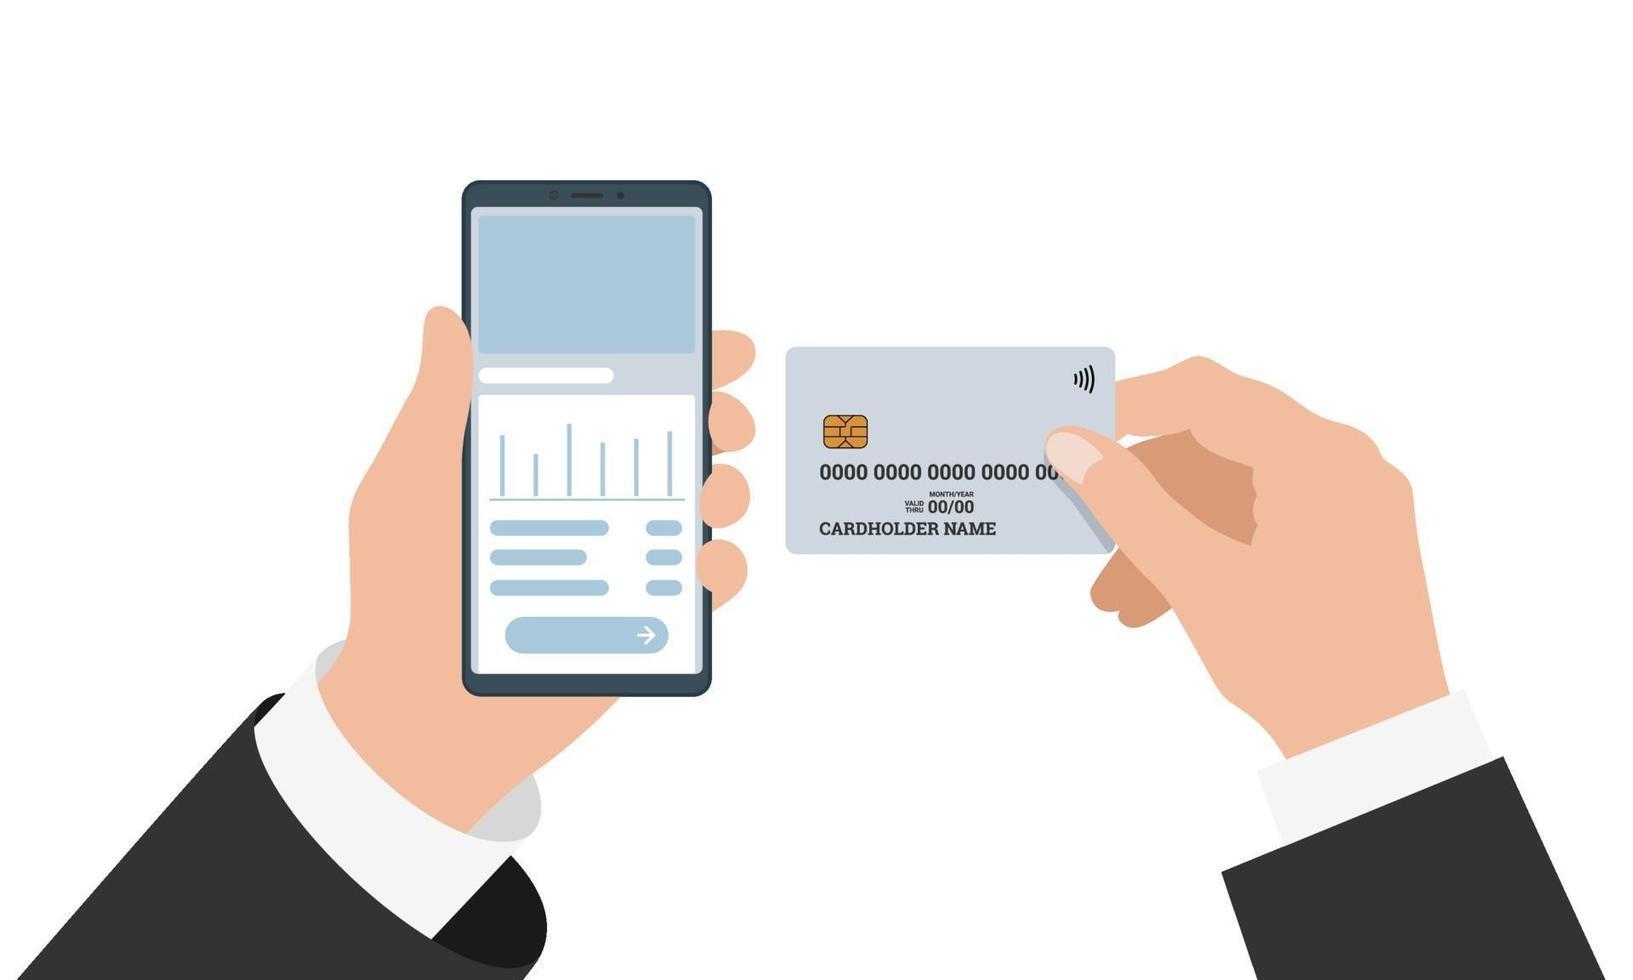 affärsman hand som håller smartphonen med internetbank mobilapp och kreditkort. köp betalningsprocess och bankkontosaldo platt vektorillustration vektor